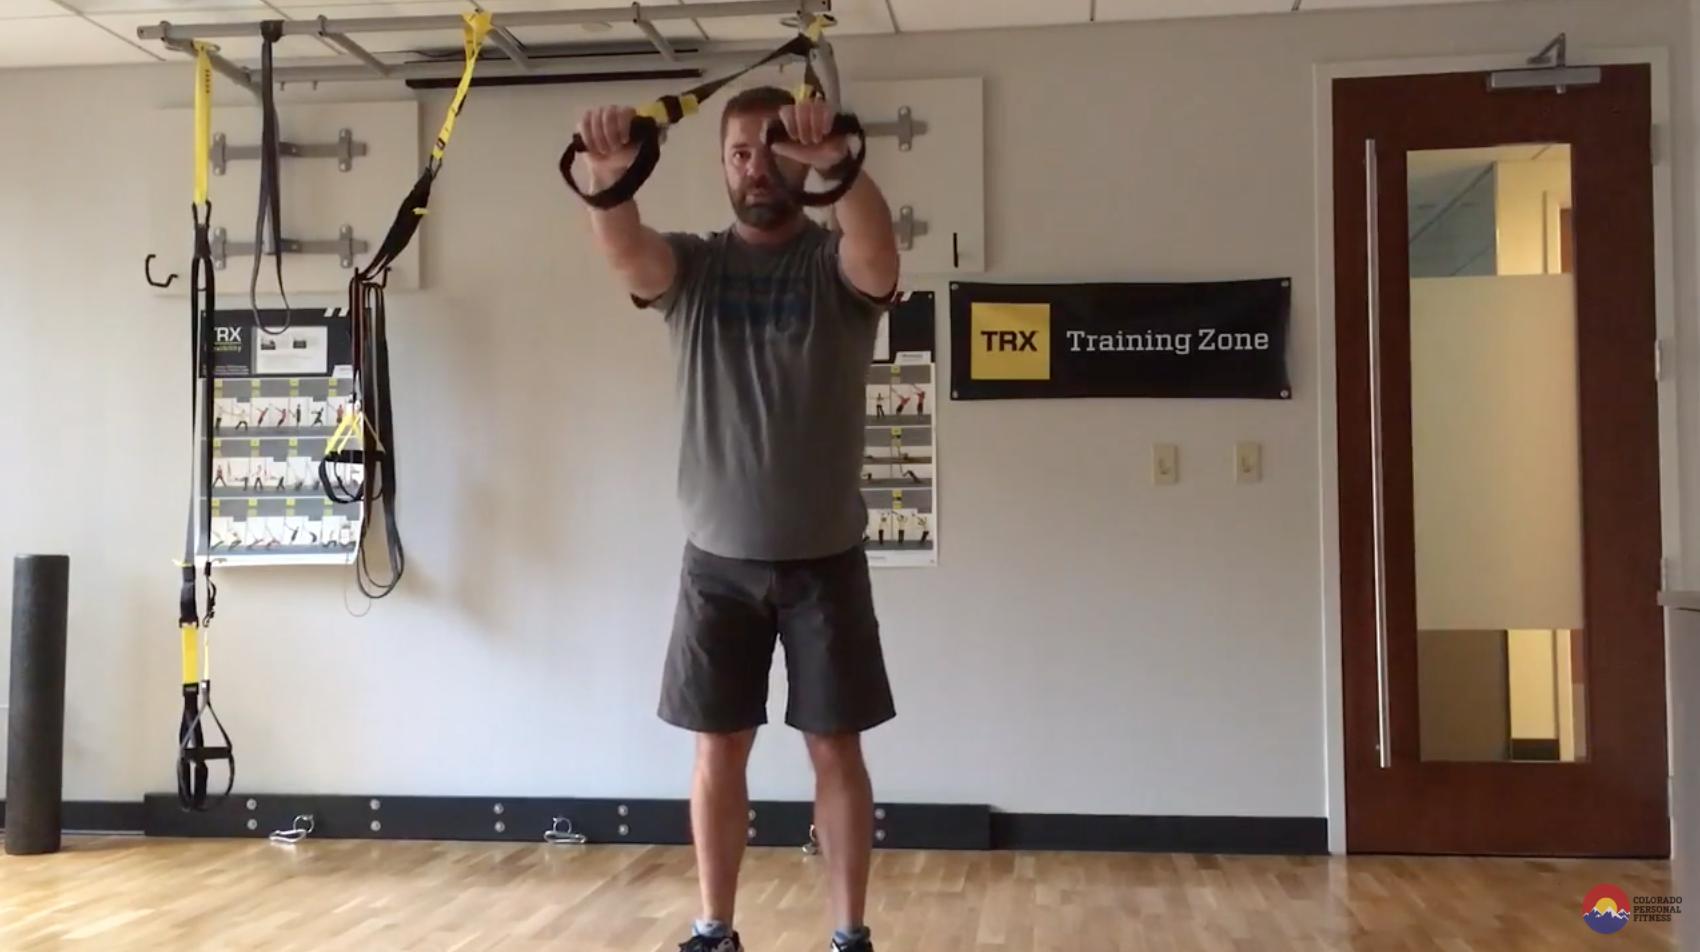 TRX Exercises